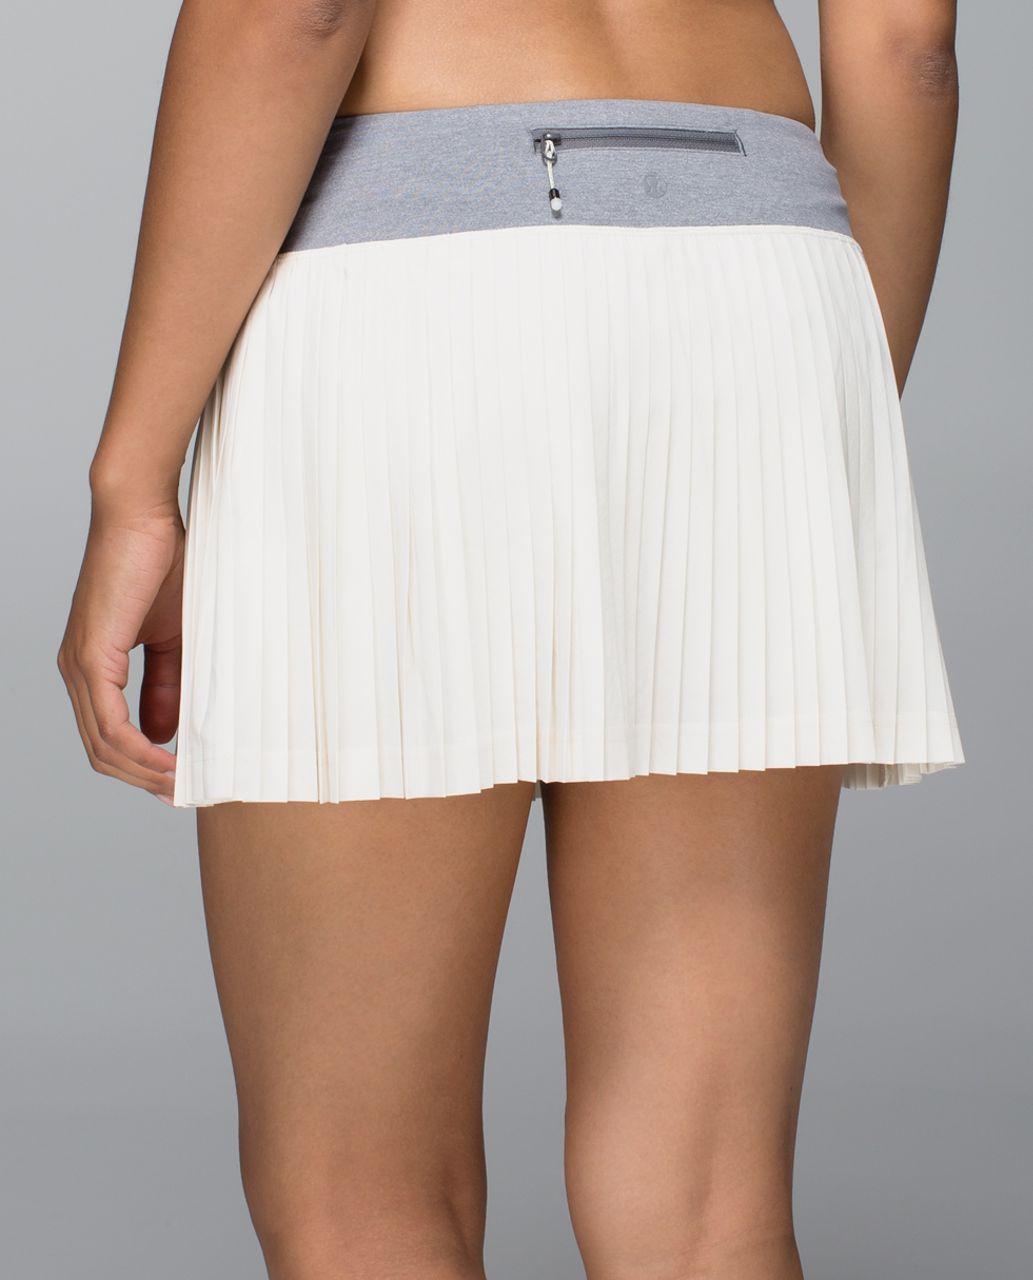 796147ee8a Lululemon Pleat to Street Skirt - Ghost / Heathered Slate - lulu fanatics